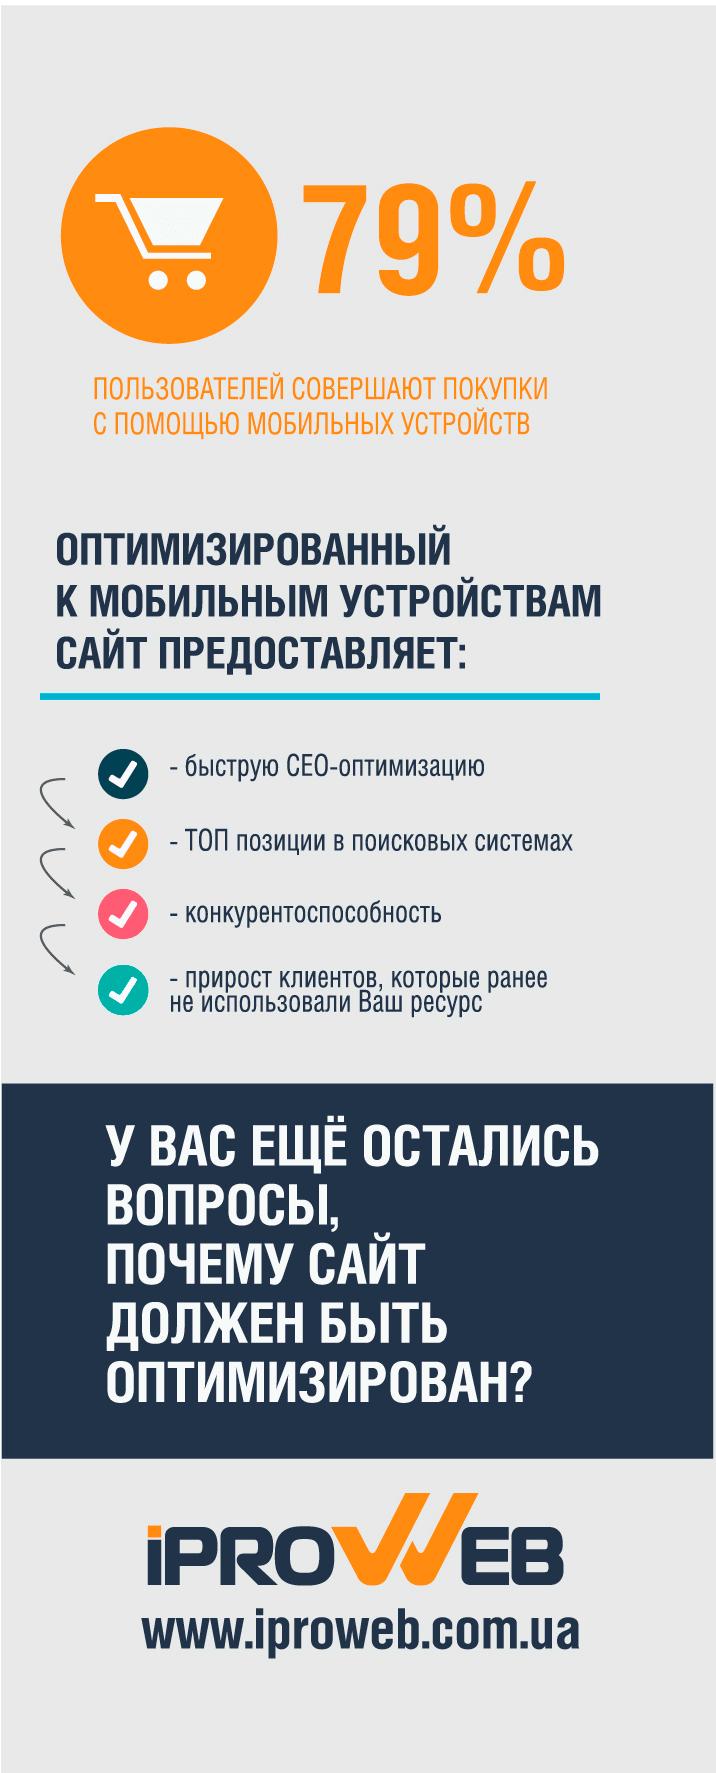 infographics_mobile_3